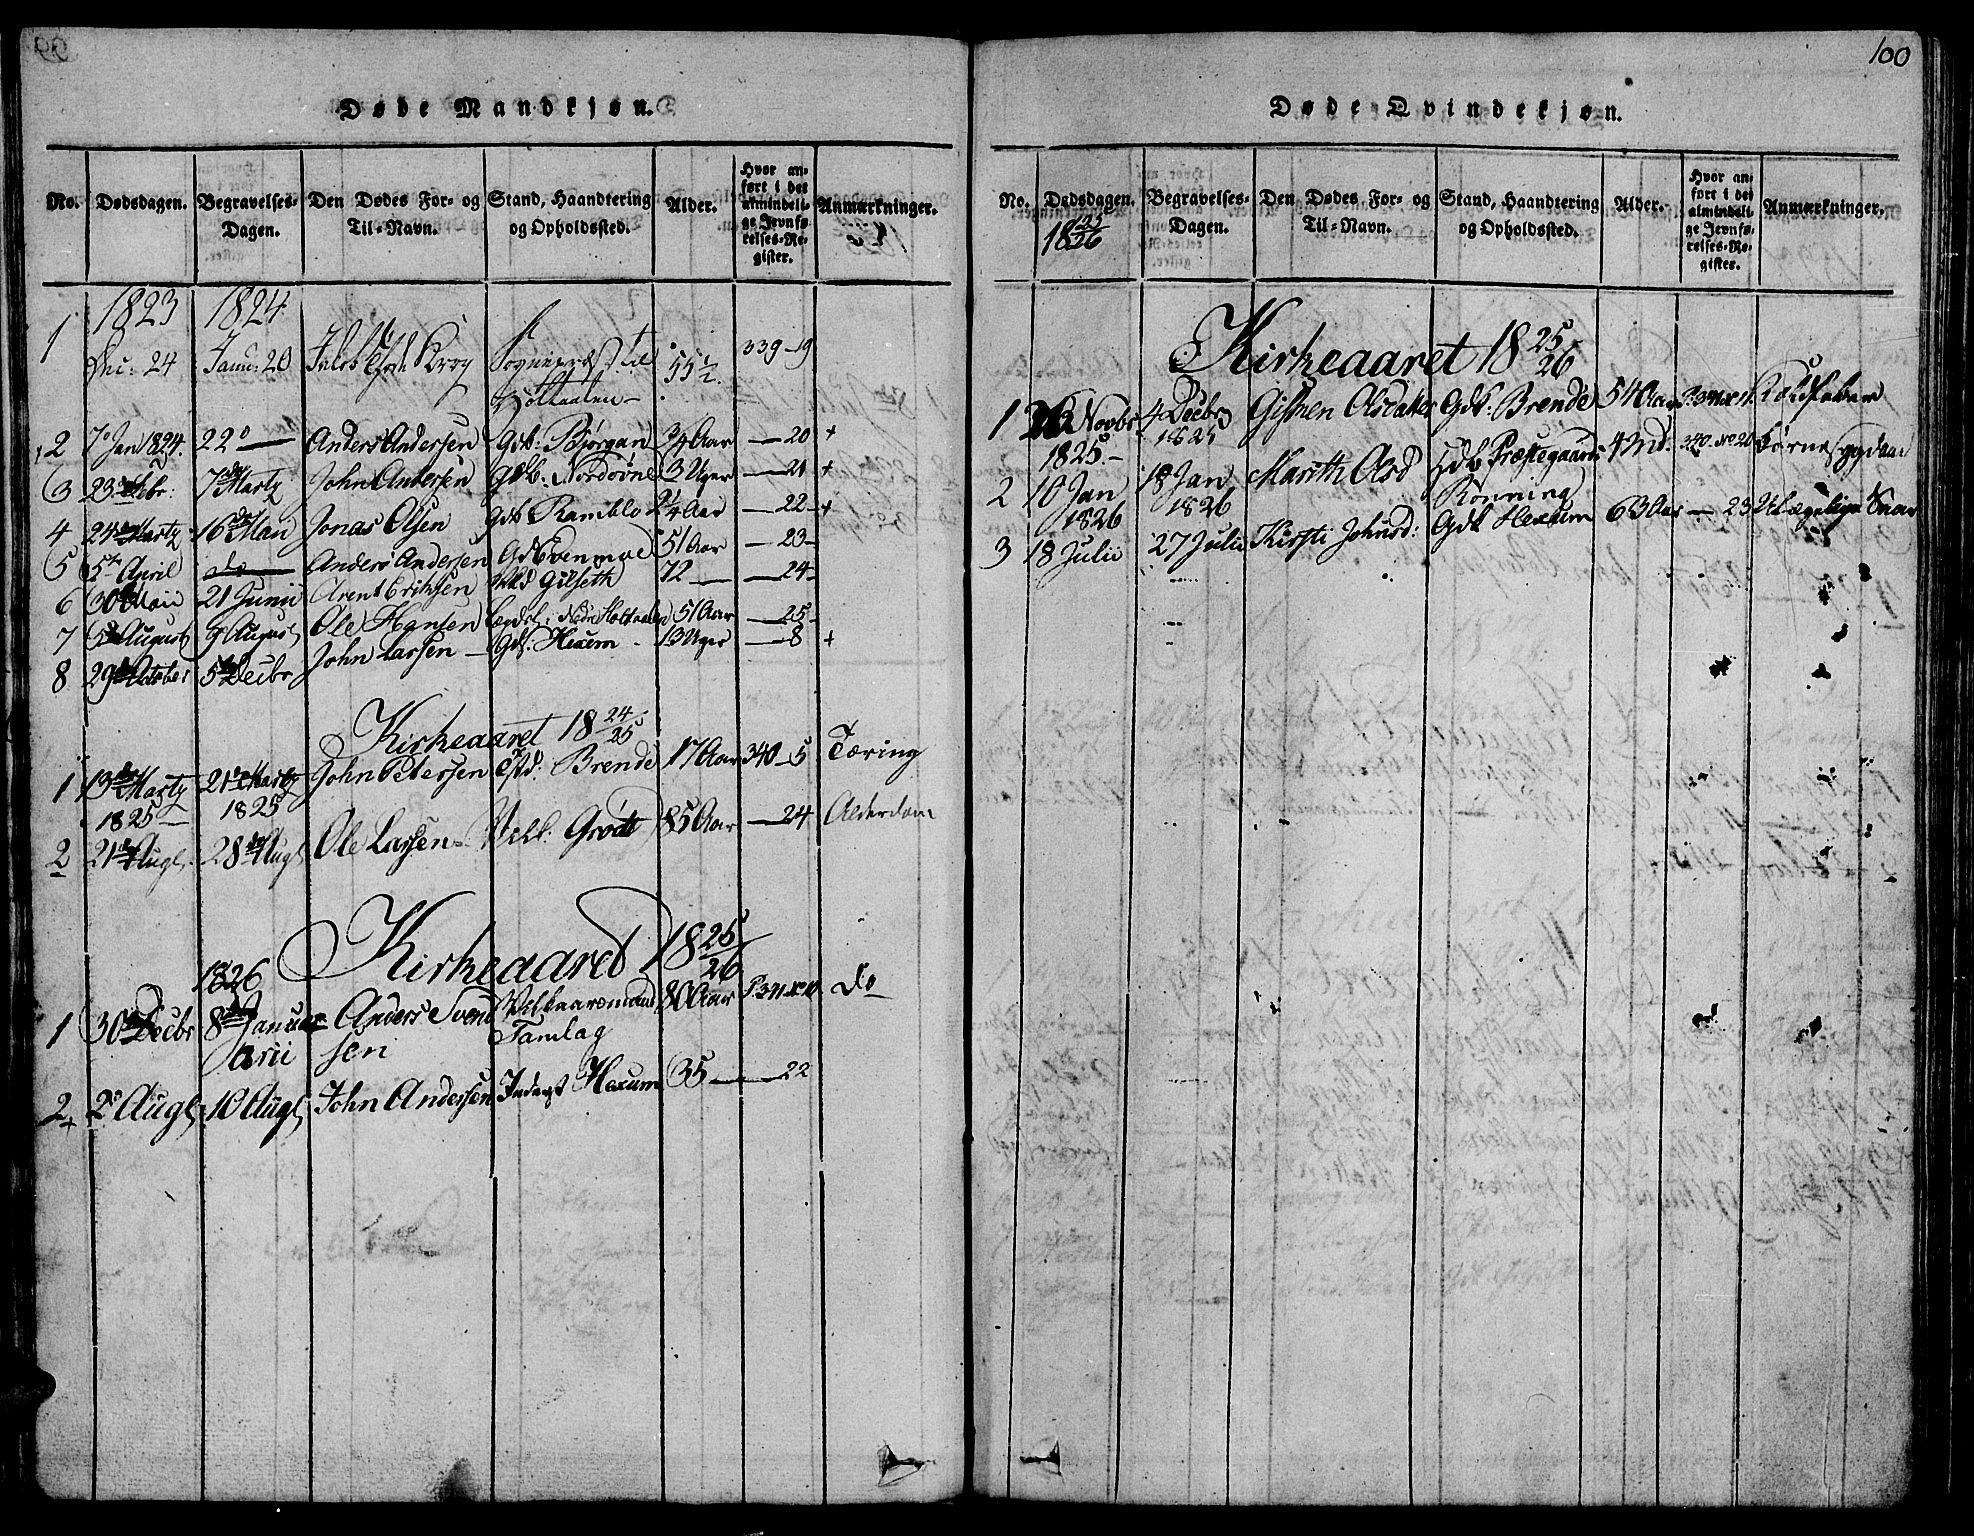 SAT, Ministerialprotokoller, klokkerbøker og fødselsregistre - Sør-Trøndelag, 685/L0954: Ministerialbok nr. 685A03 /1, 1817-1829, s. 100